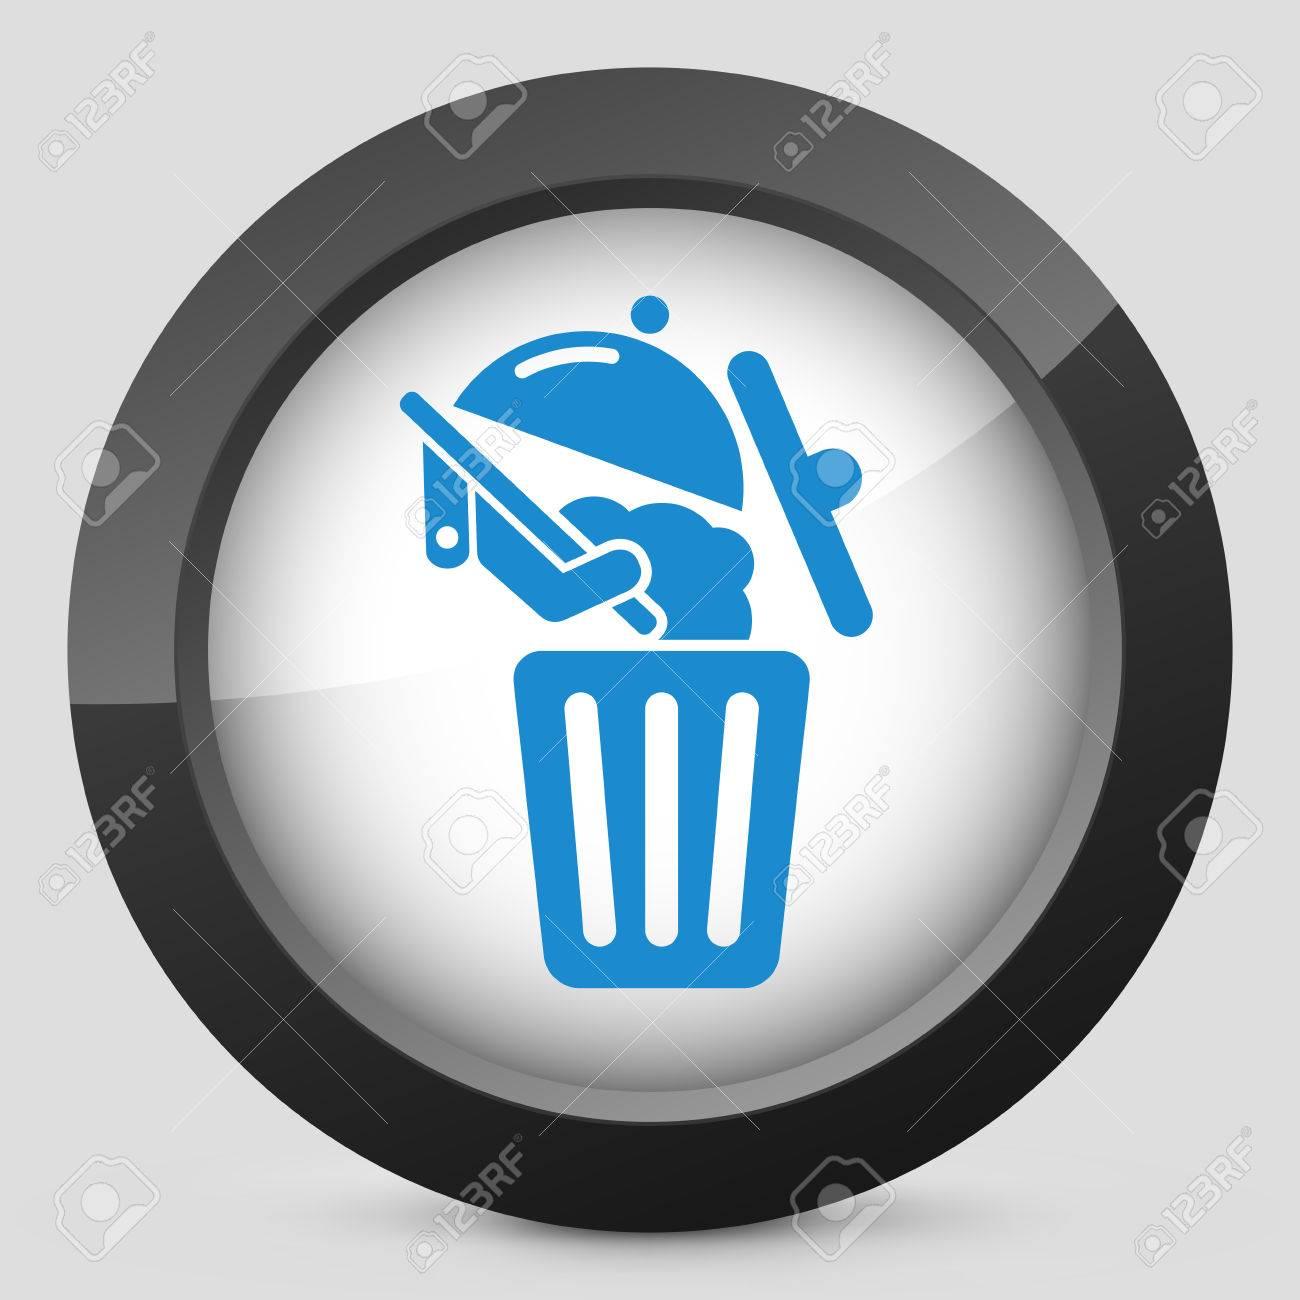 Food trash icon Stock Vector - 27151158